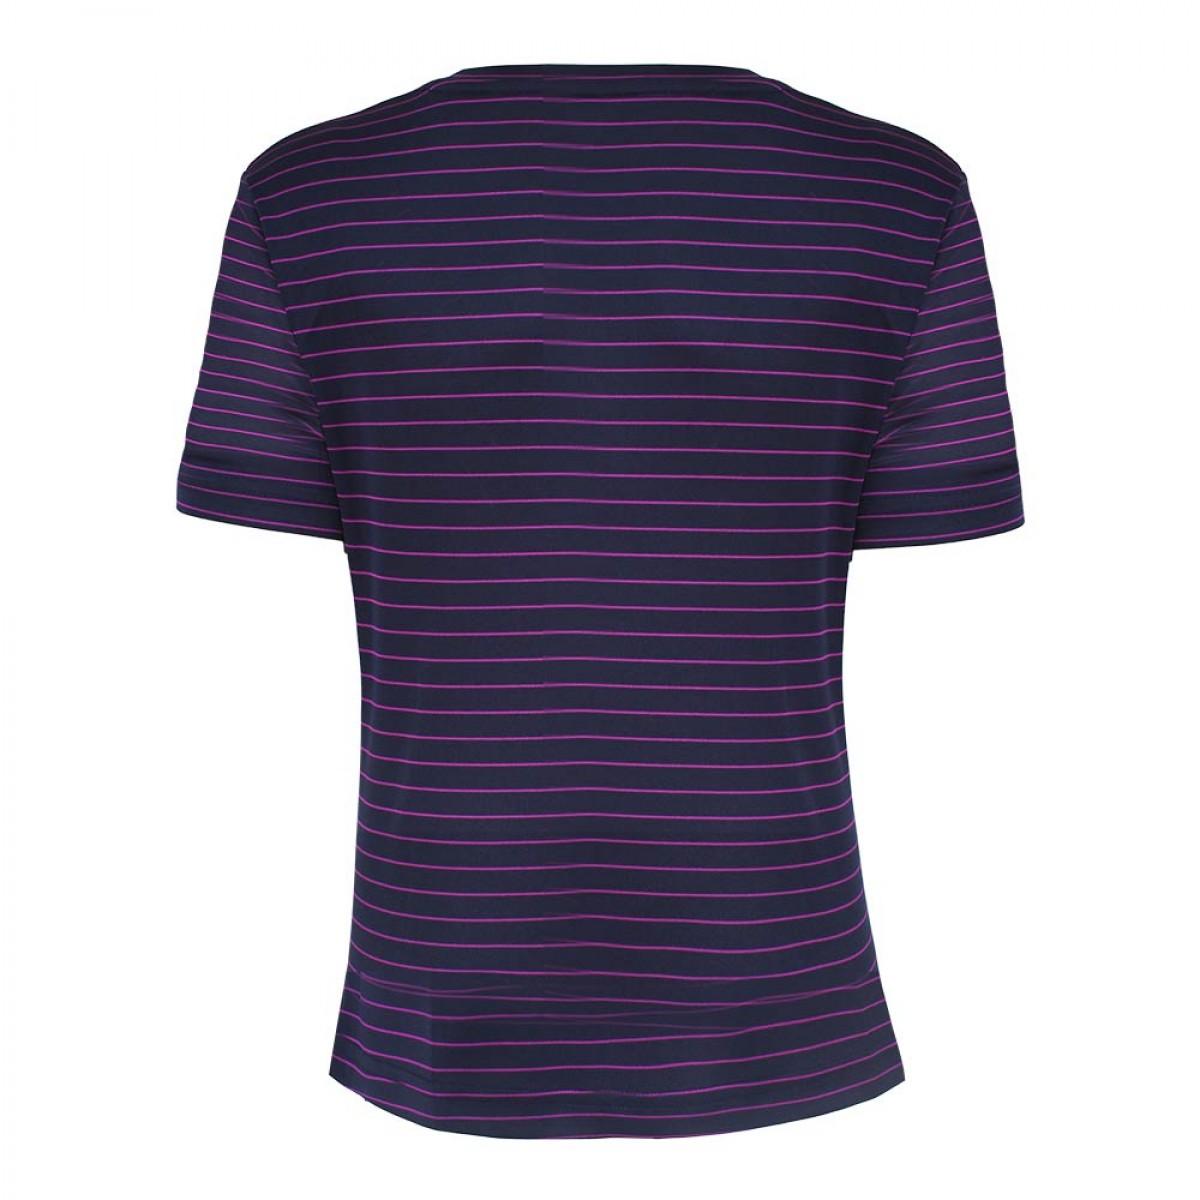 women-knitted-round-neck-t-shirtkkrt16105-9a